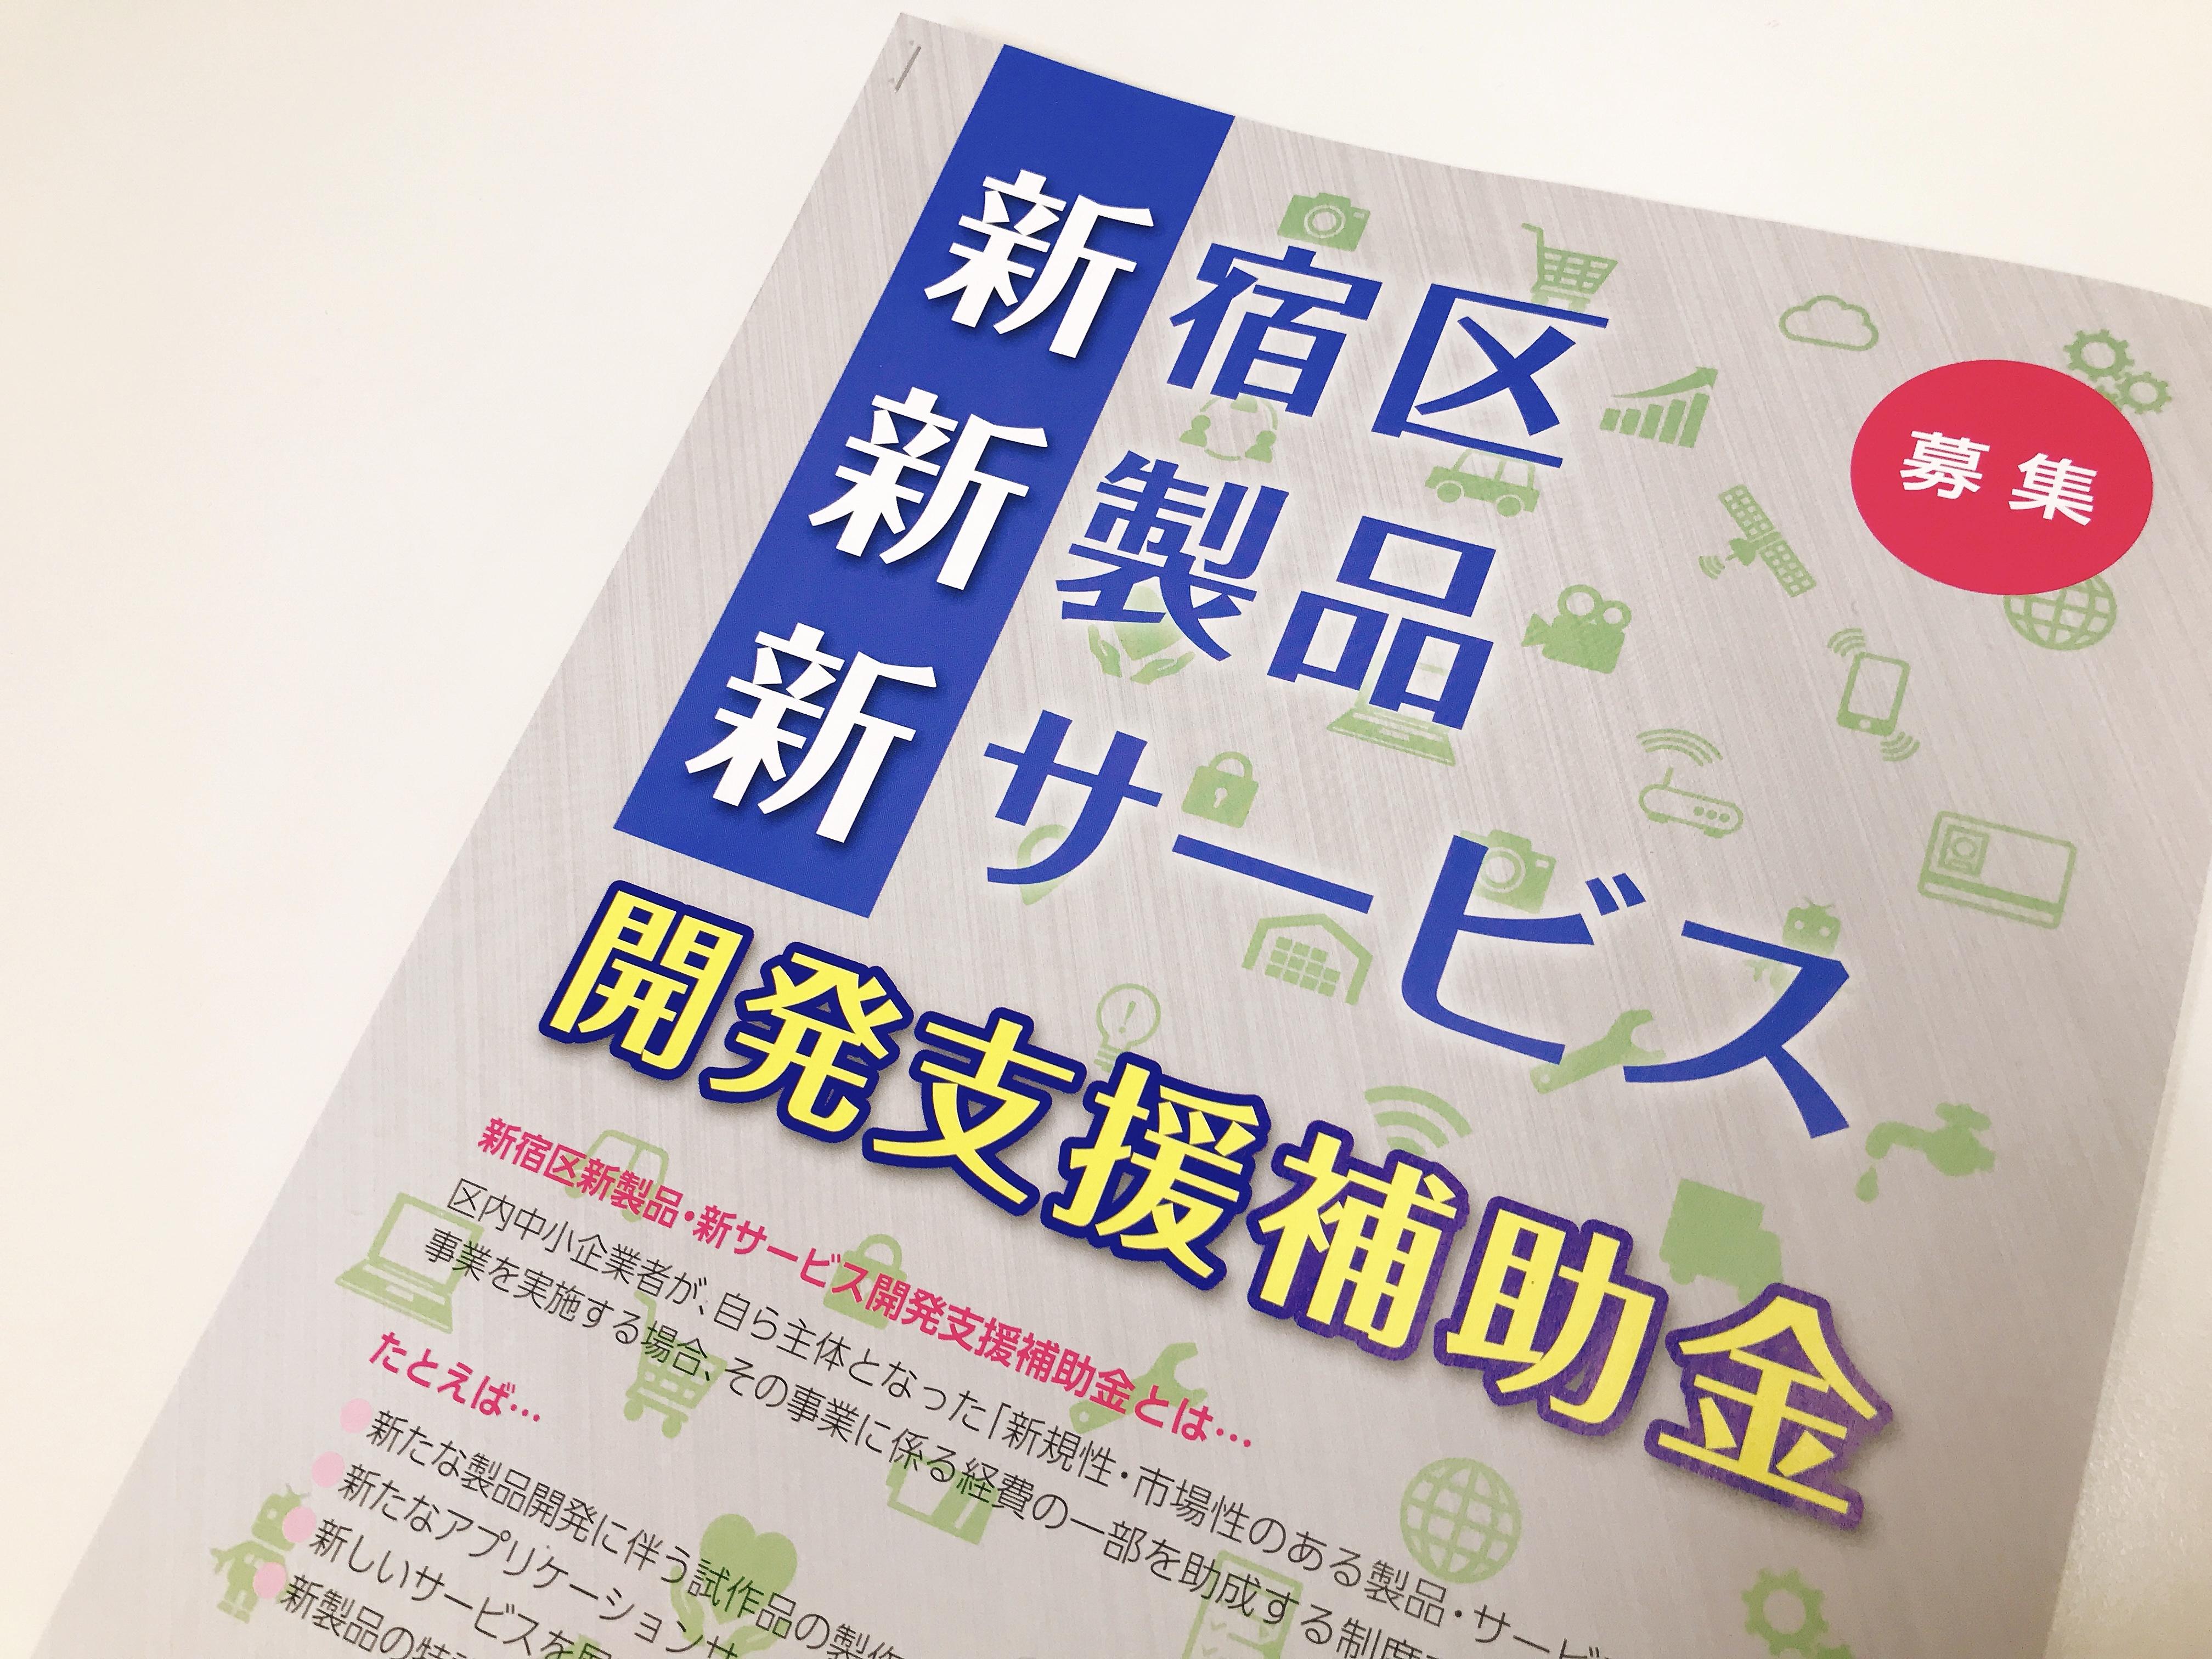 新宿区新製品新サービス開発支援補助金